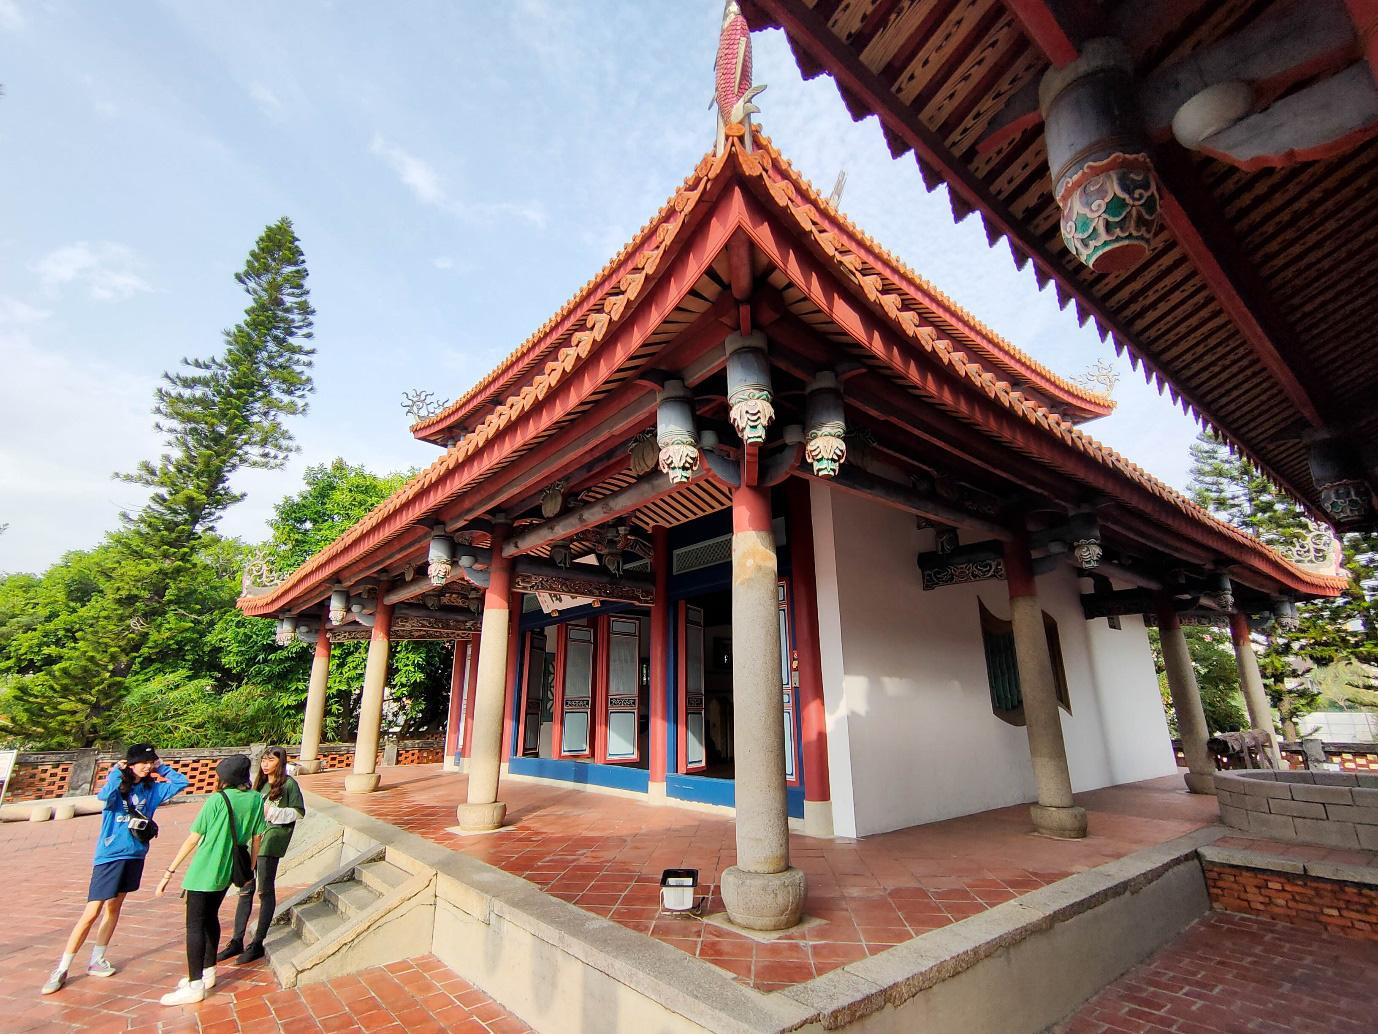 Khám phá Đài Nam – Thành phố cổ nhất Đài Loan cùng Tech Reviewer Ngọc Vy - Ảnh 4.